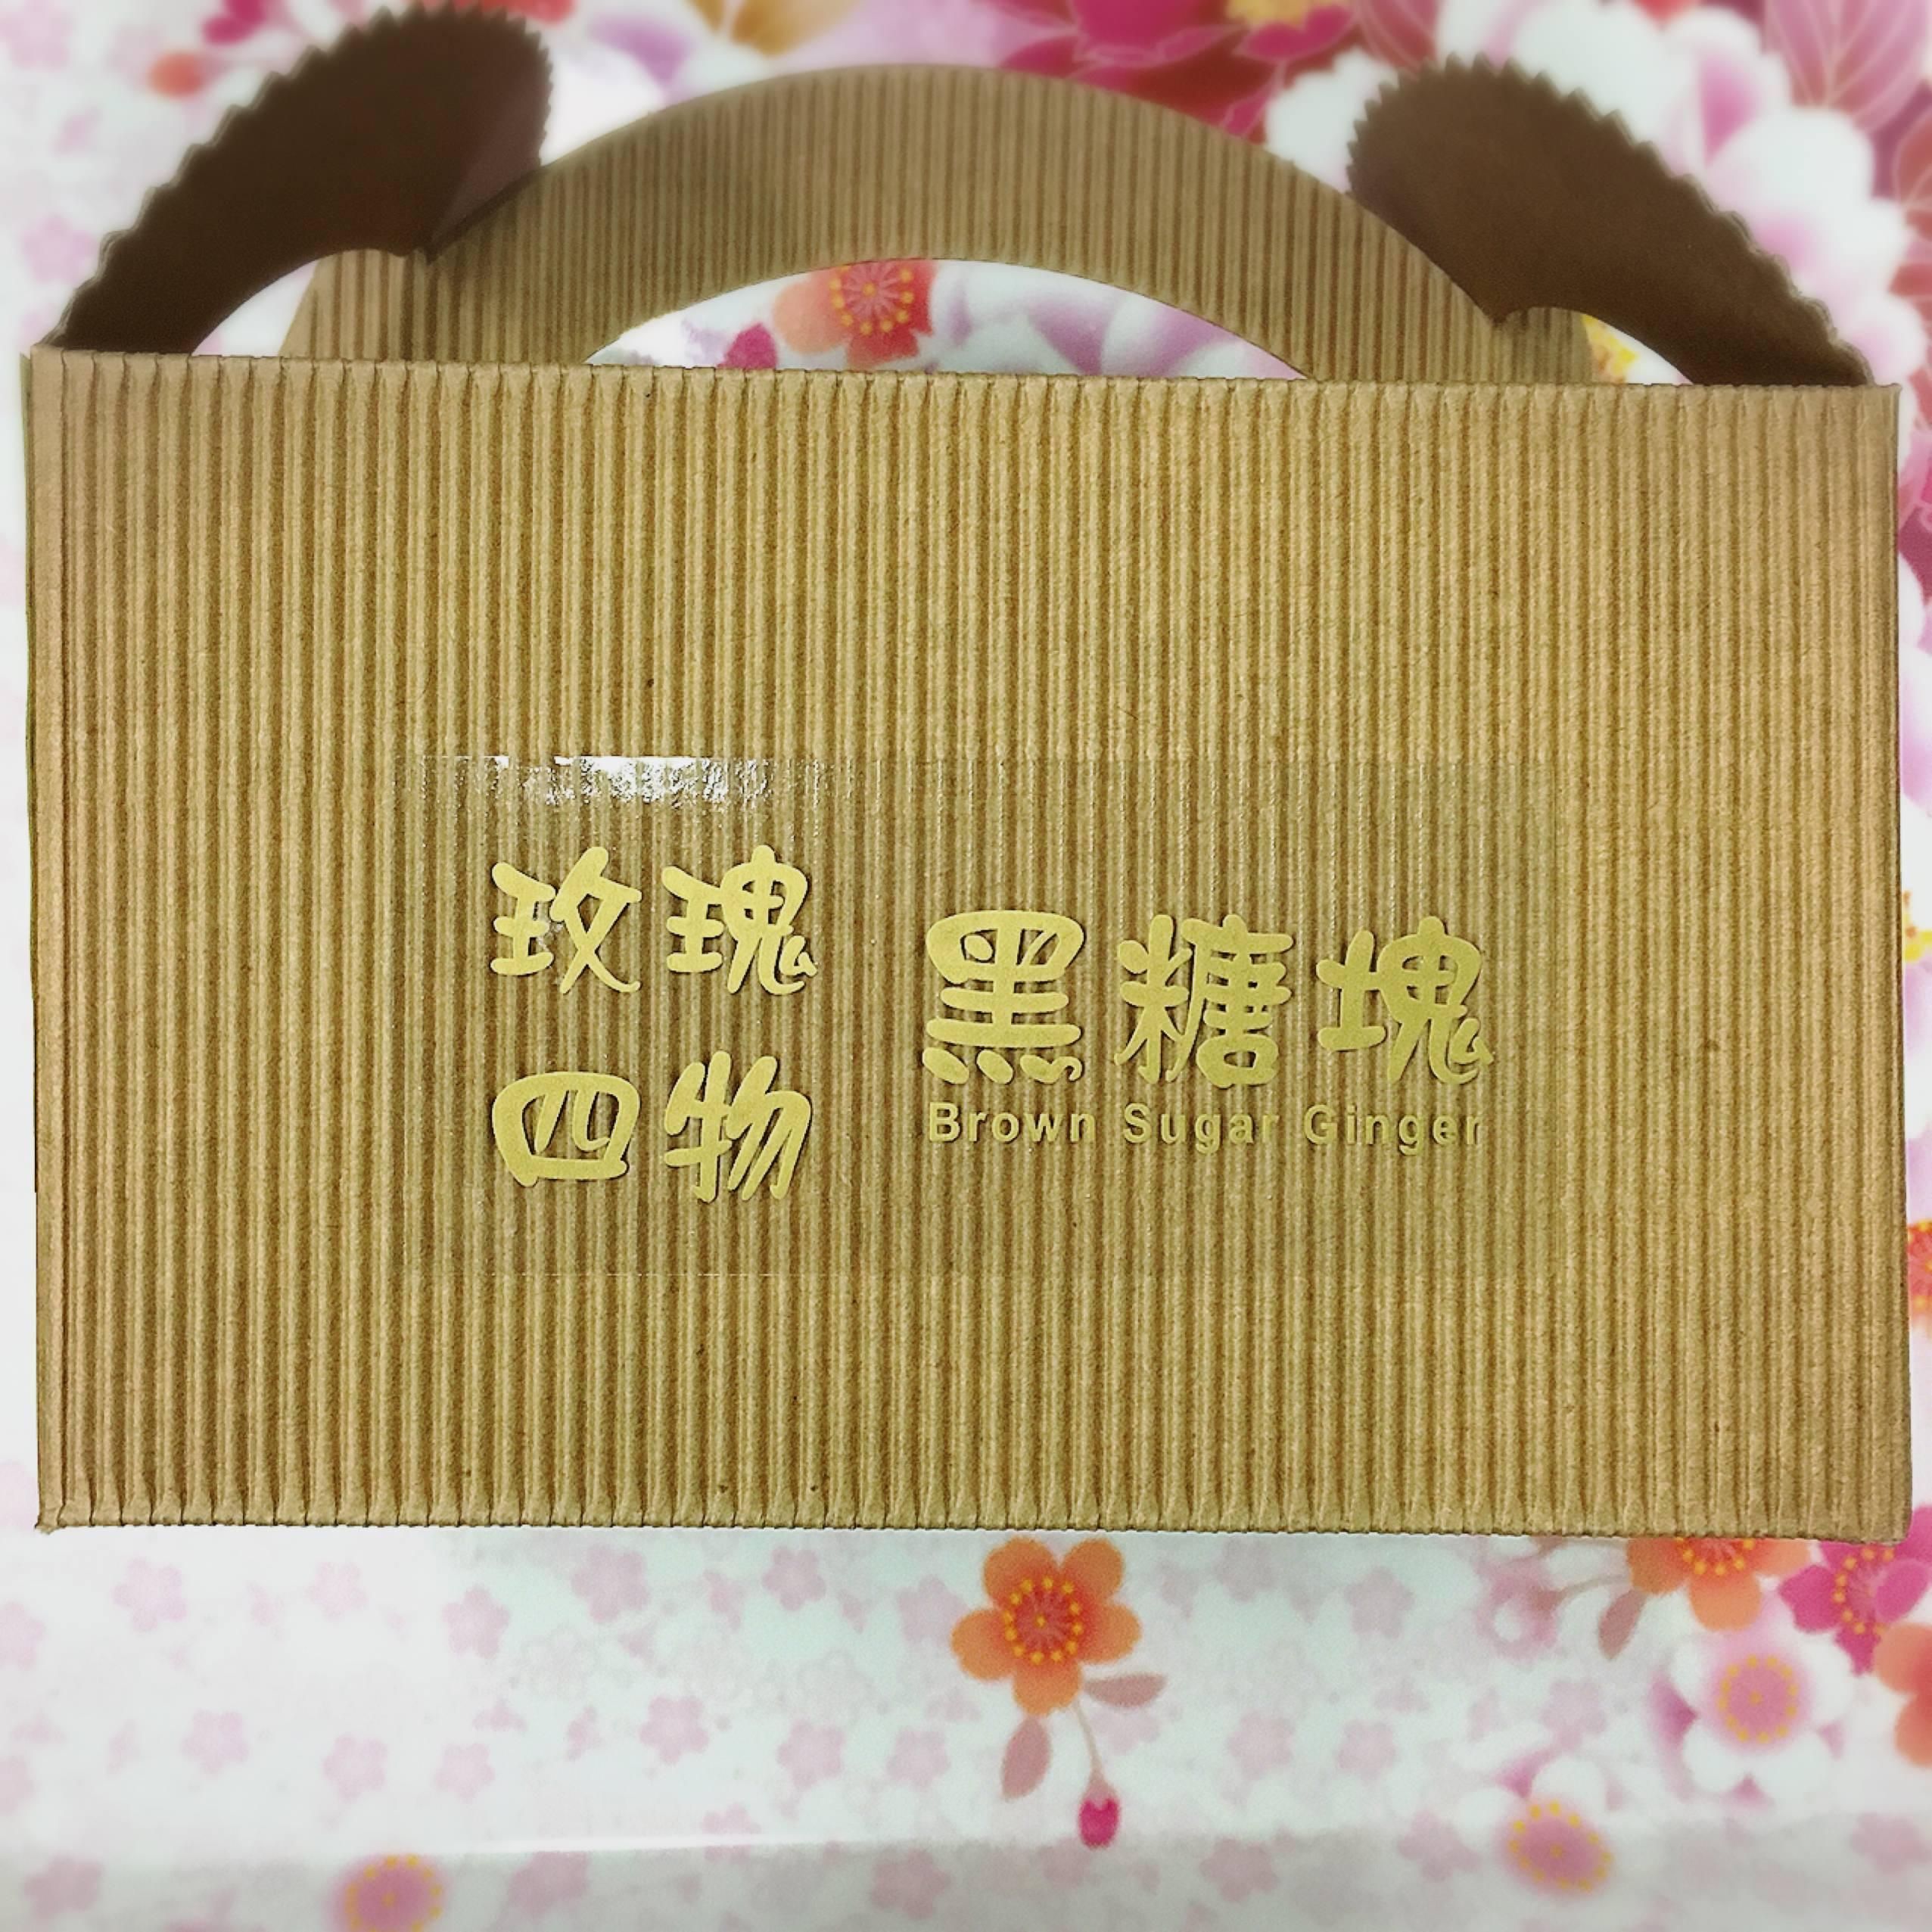 ★年節禮盒特賣【玫瑰四物黑糖塊】10入/300g 黑糖茶磚/養生飲